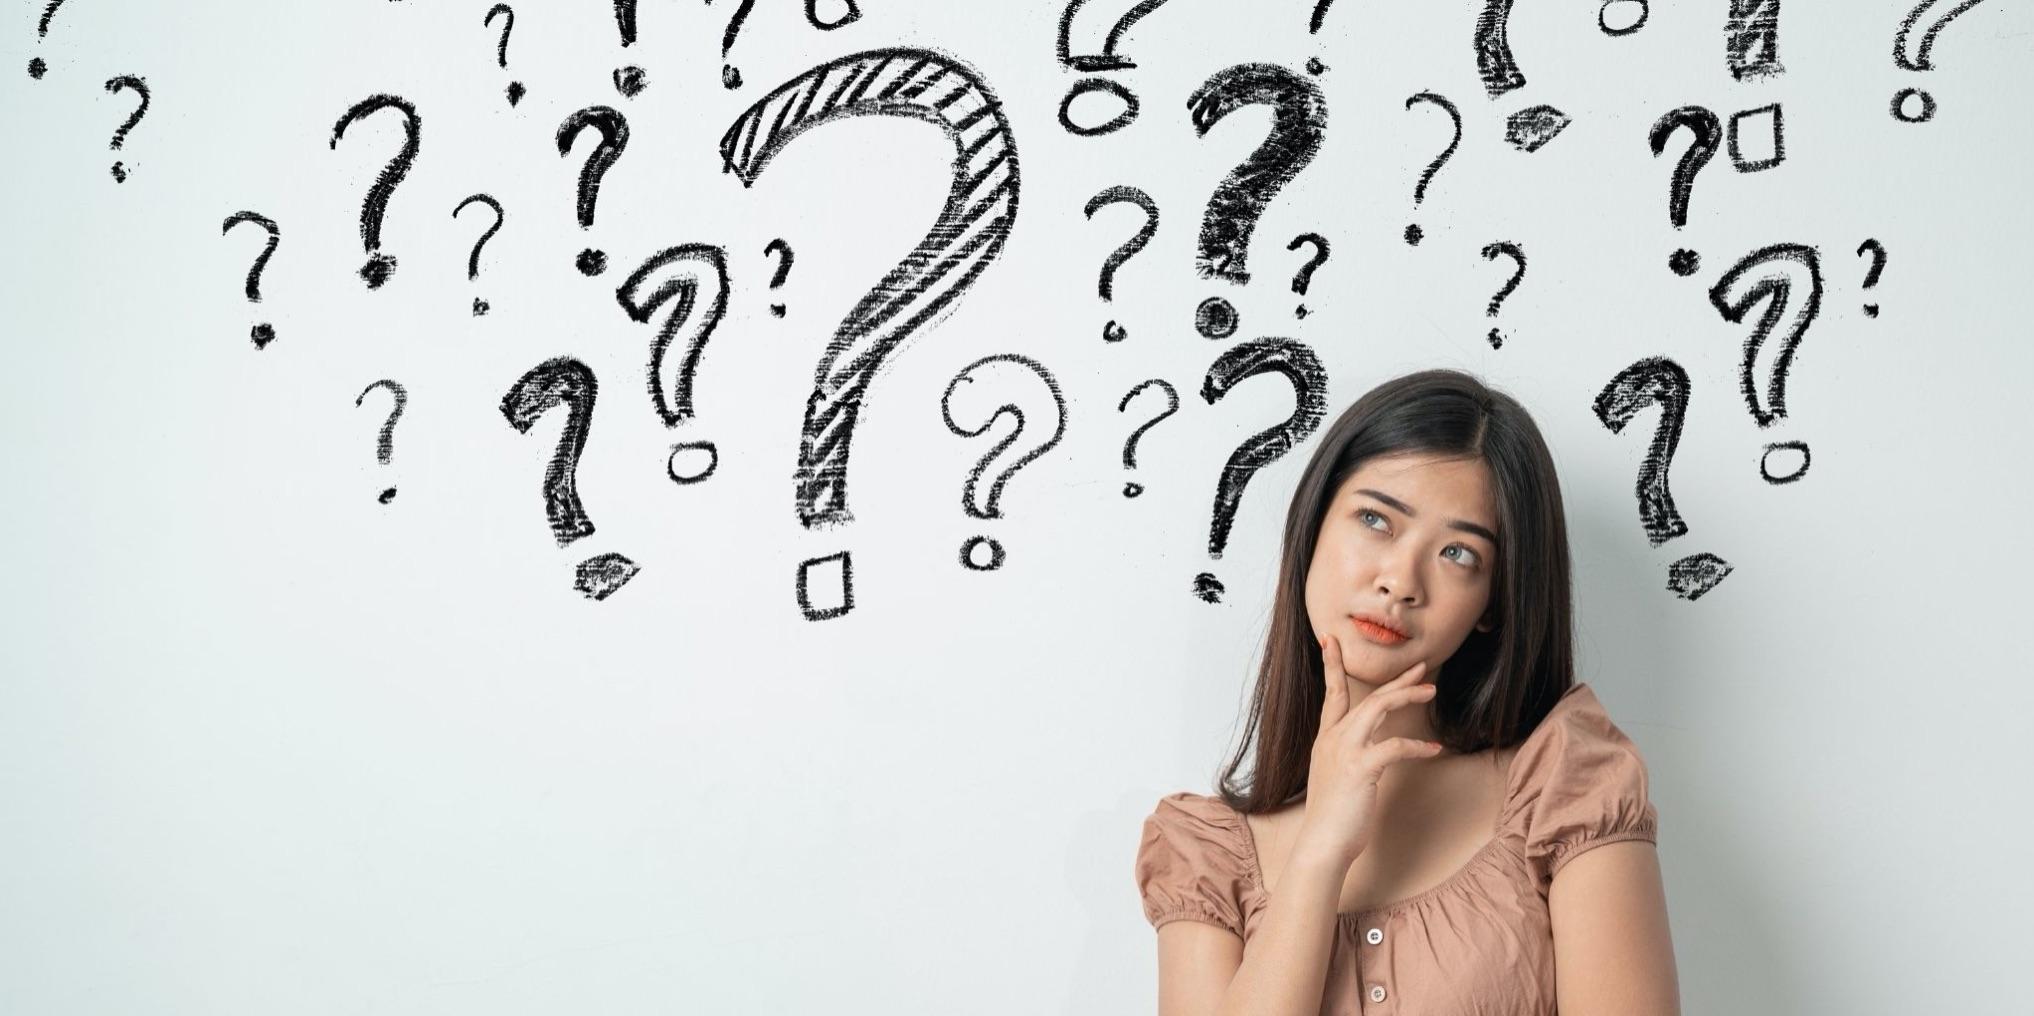 Oppasvragen: Wat vraag je aan de ouders voordat je gaat oppassen?